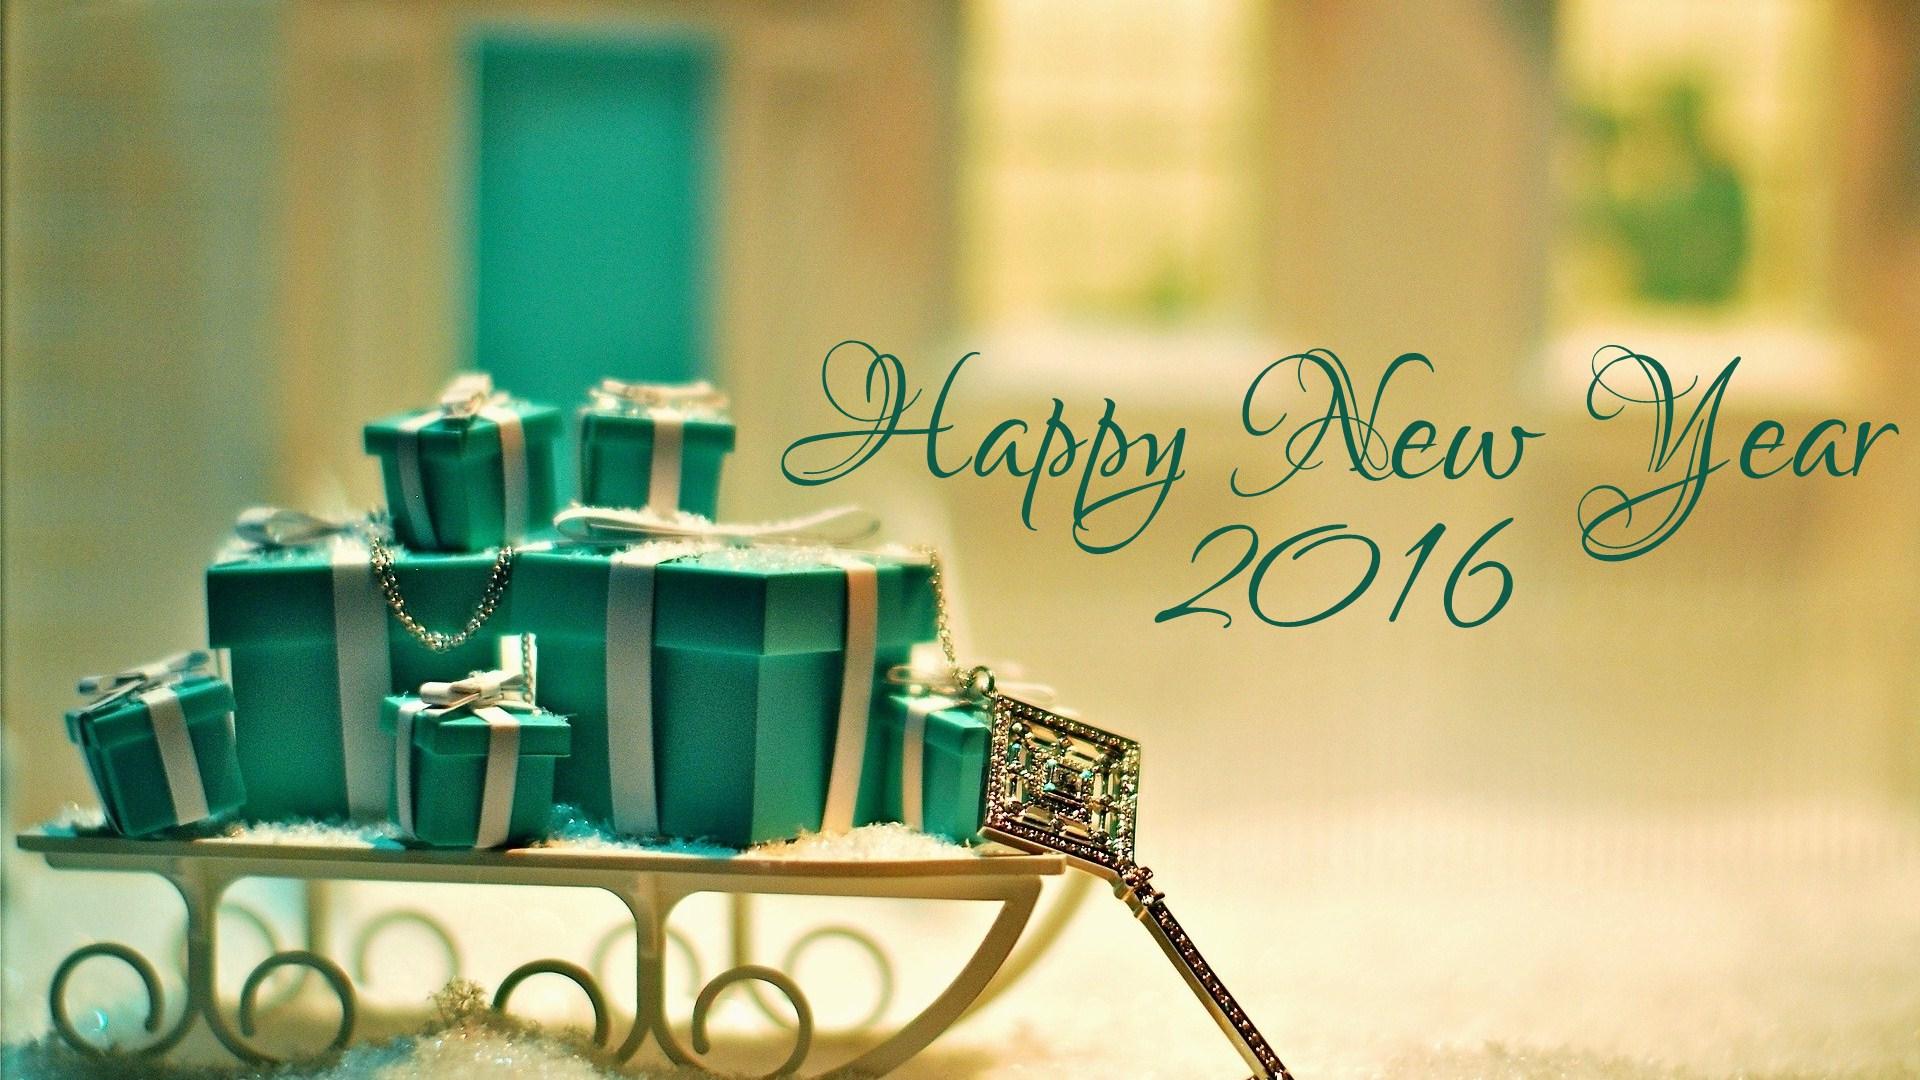 happy new year 2016 full hd wallpaper 1920x1080